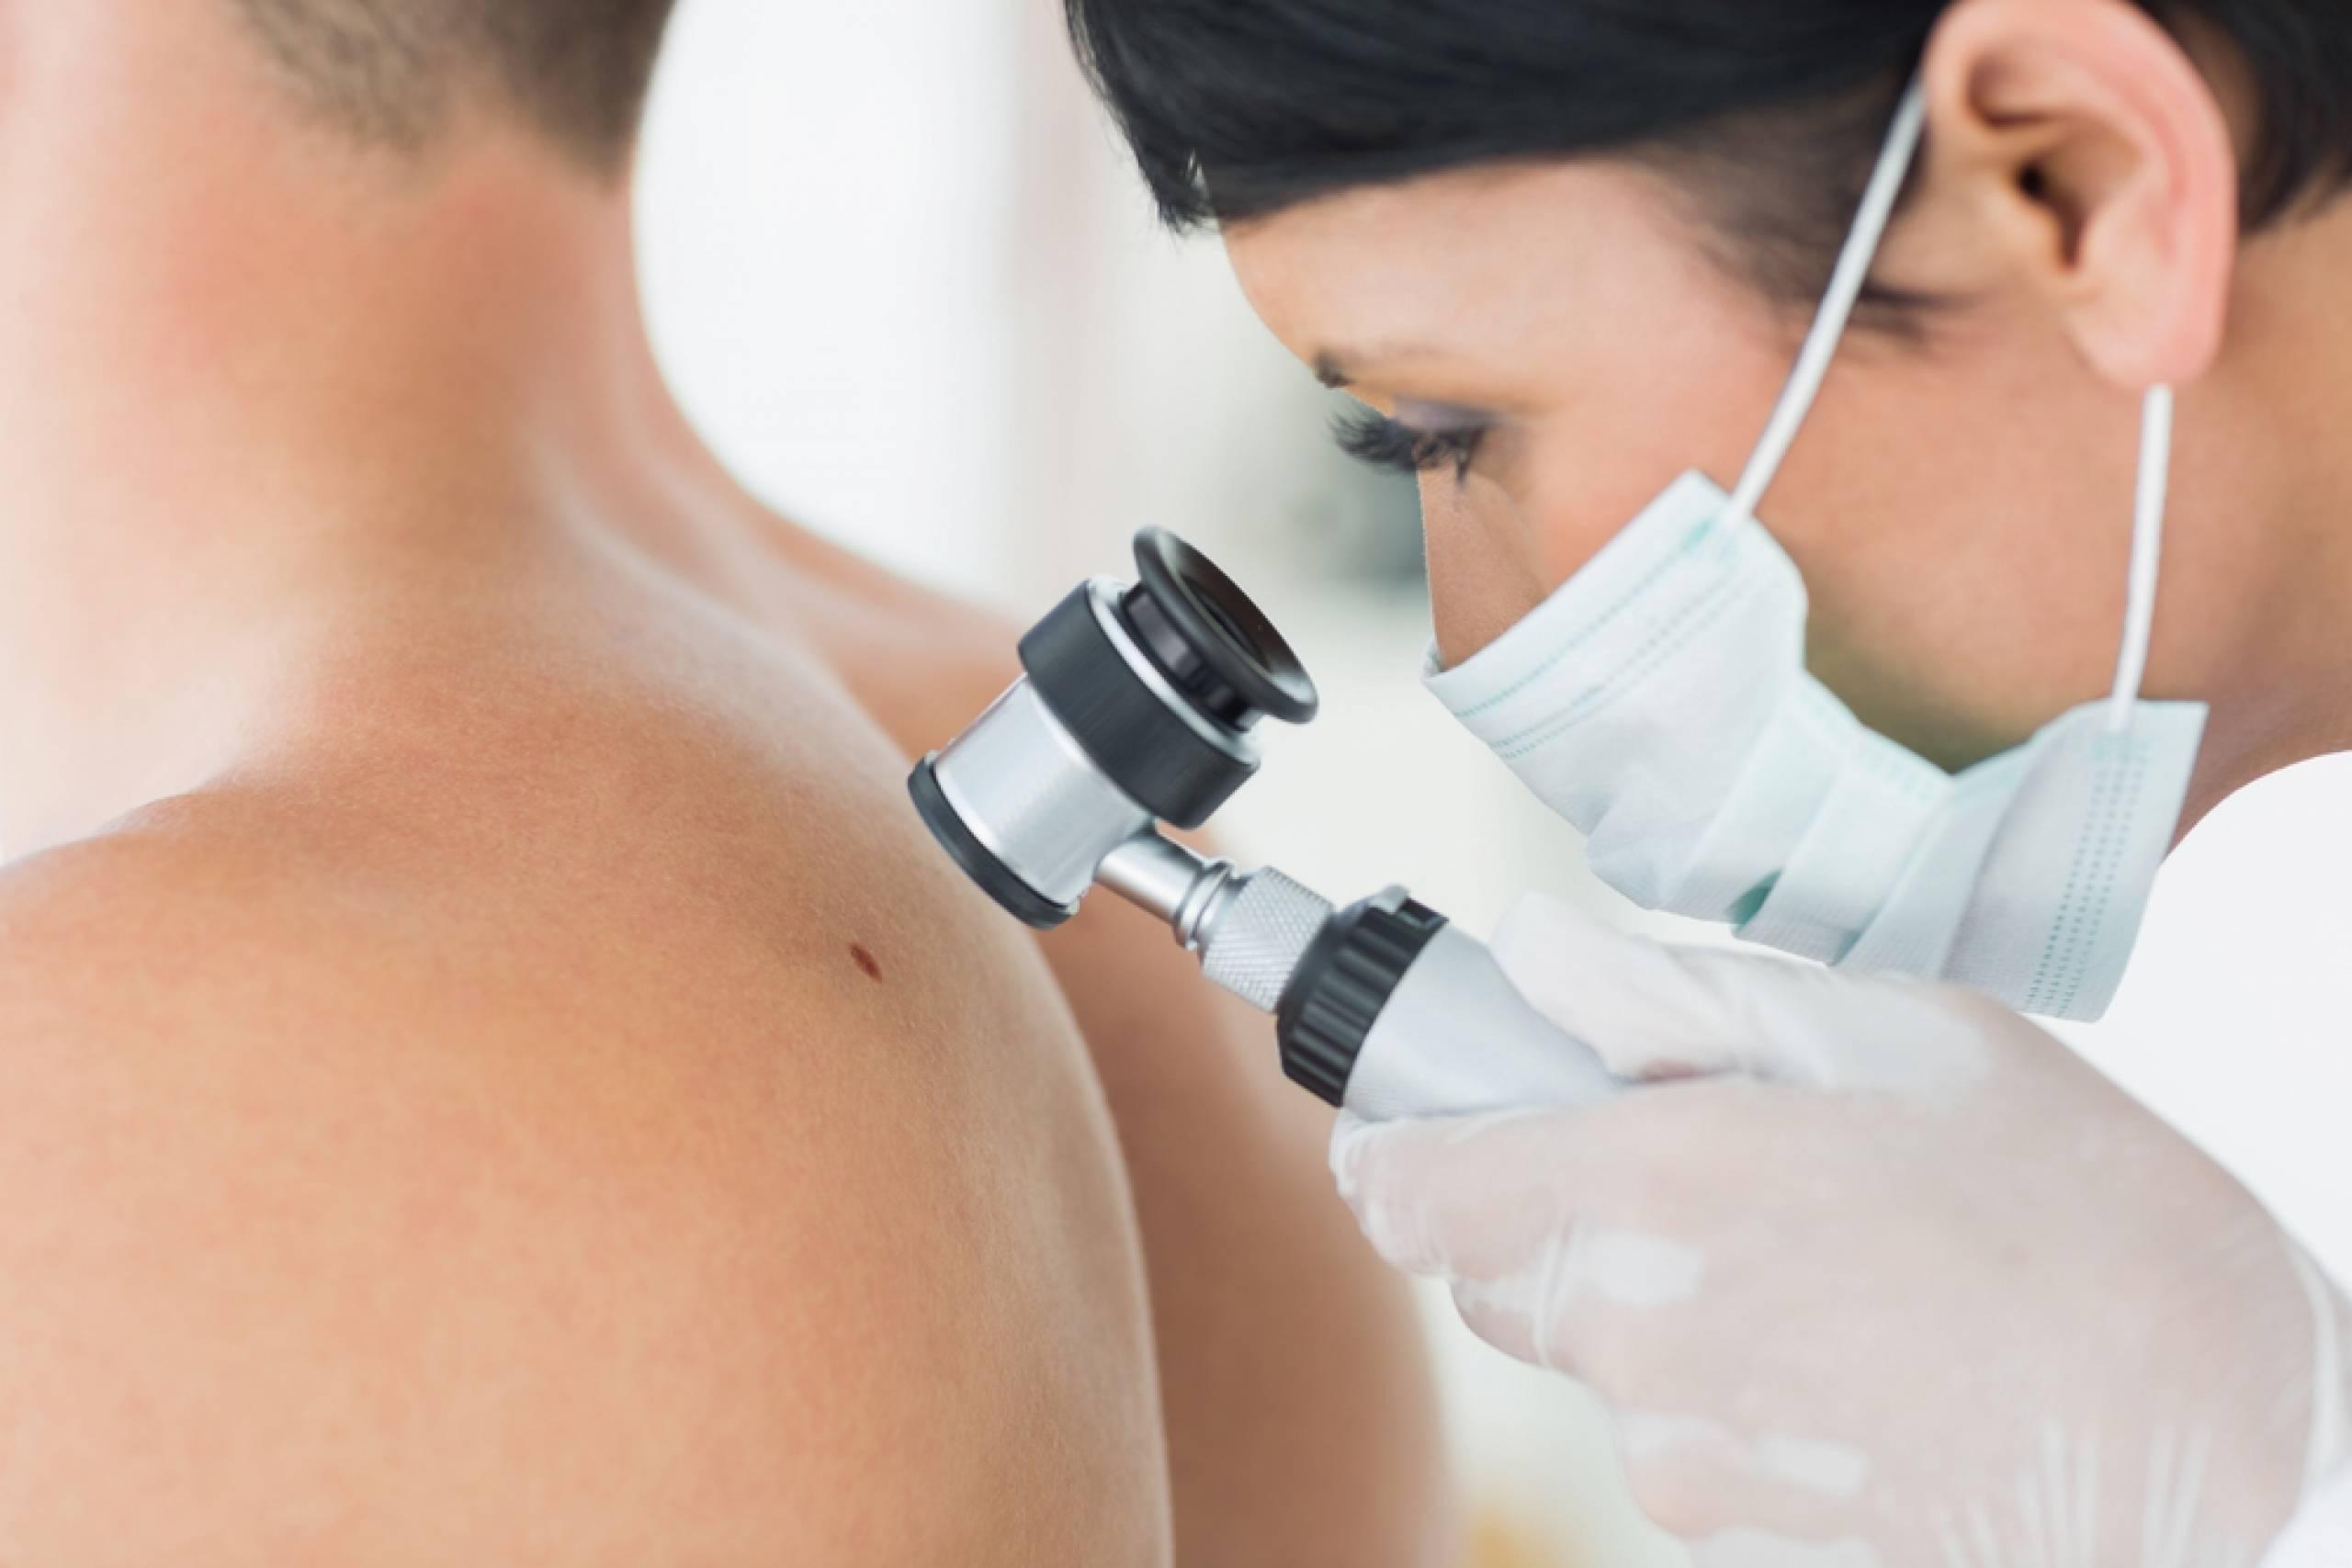 Выявление опасных новообразований при помощи дерматоскопии